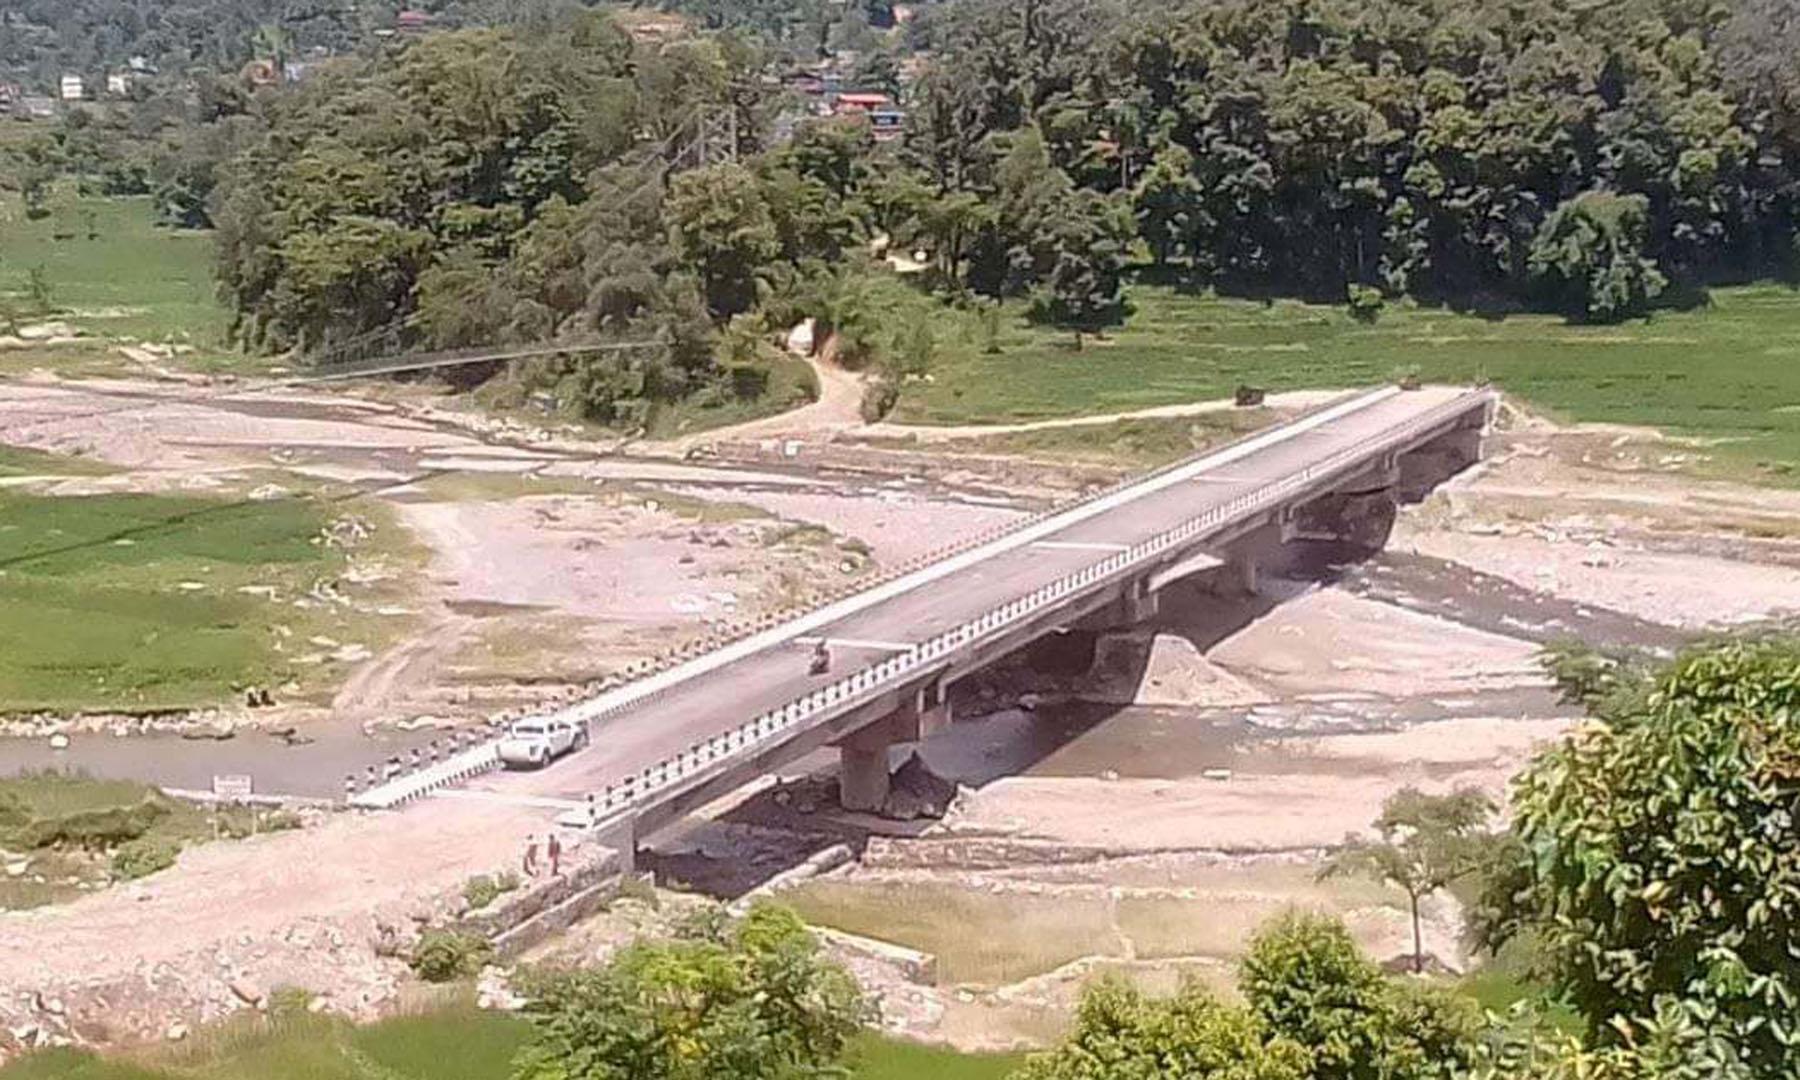 लमजुङ र छिमेकी जिल्ला तनहुँ जोड्ने मोटरेबल पुल